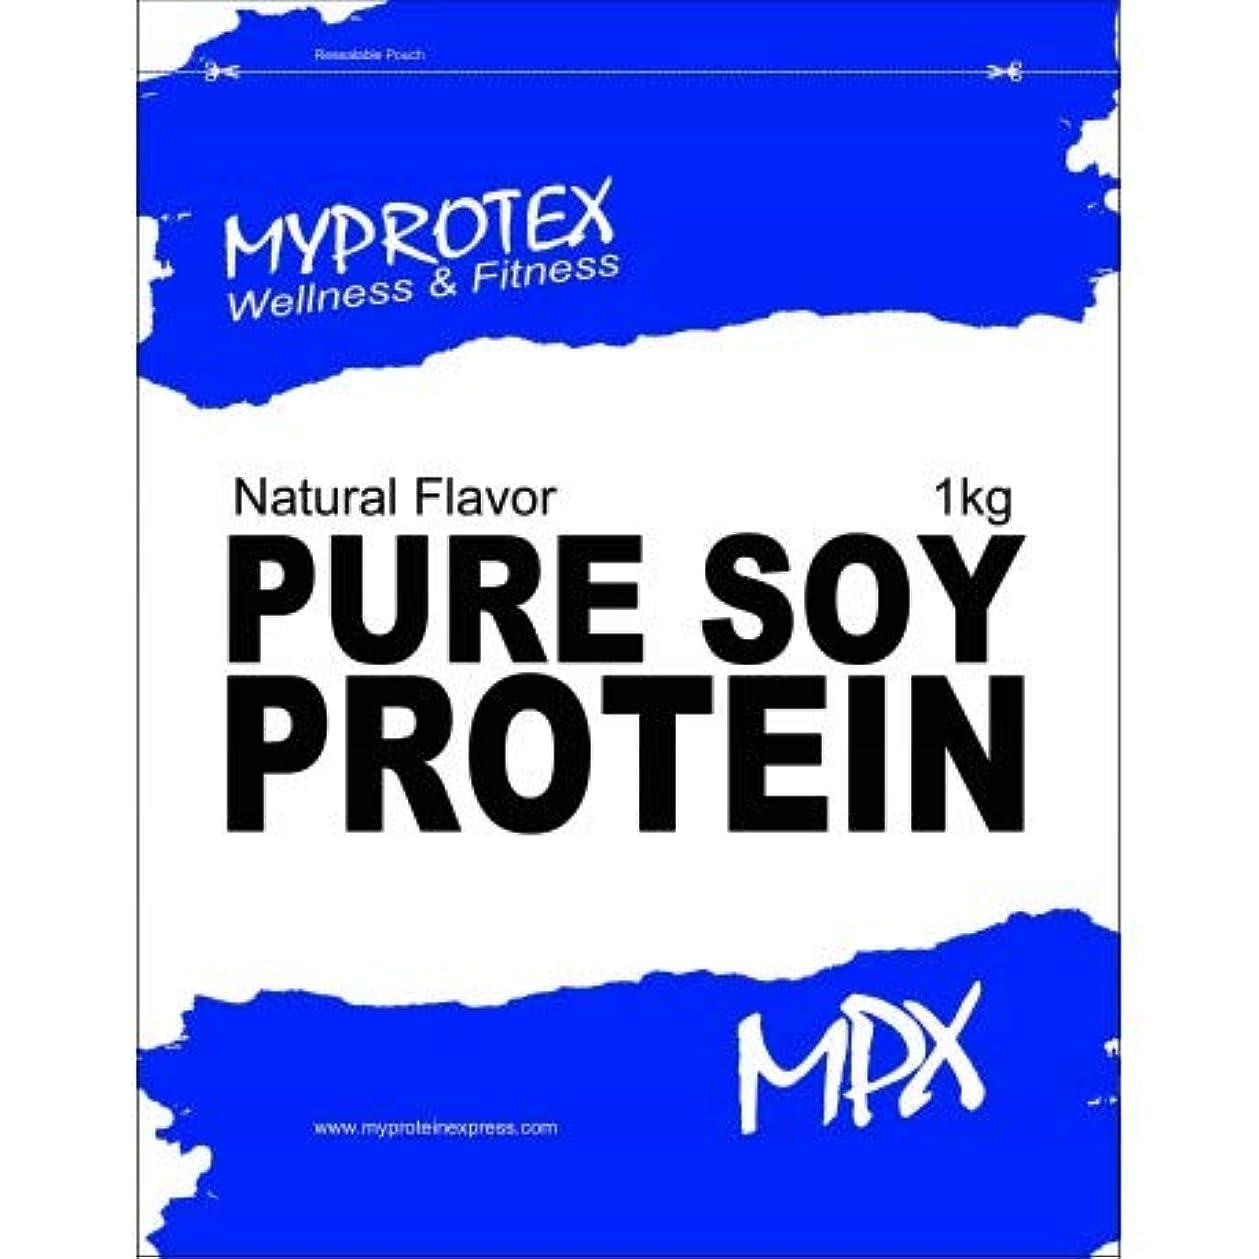 アマチュア拒絶するピンポイントMPX 100% ピュア ソイプロテイン 無添加 (Pure Soy Protein) マイプロテクス ソイプロテイン 1kg 無添加(ナチュラル, 1kg)